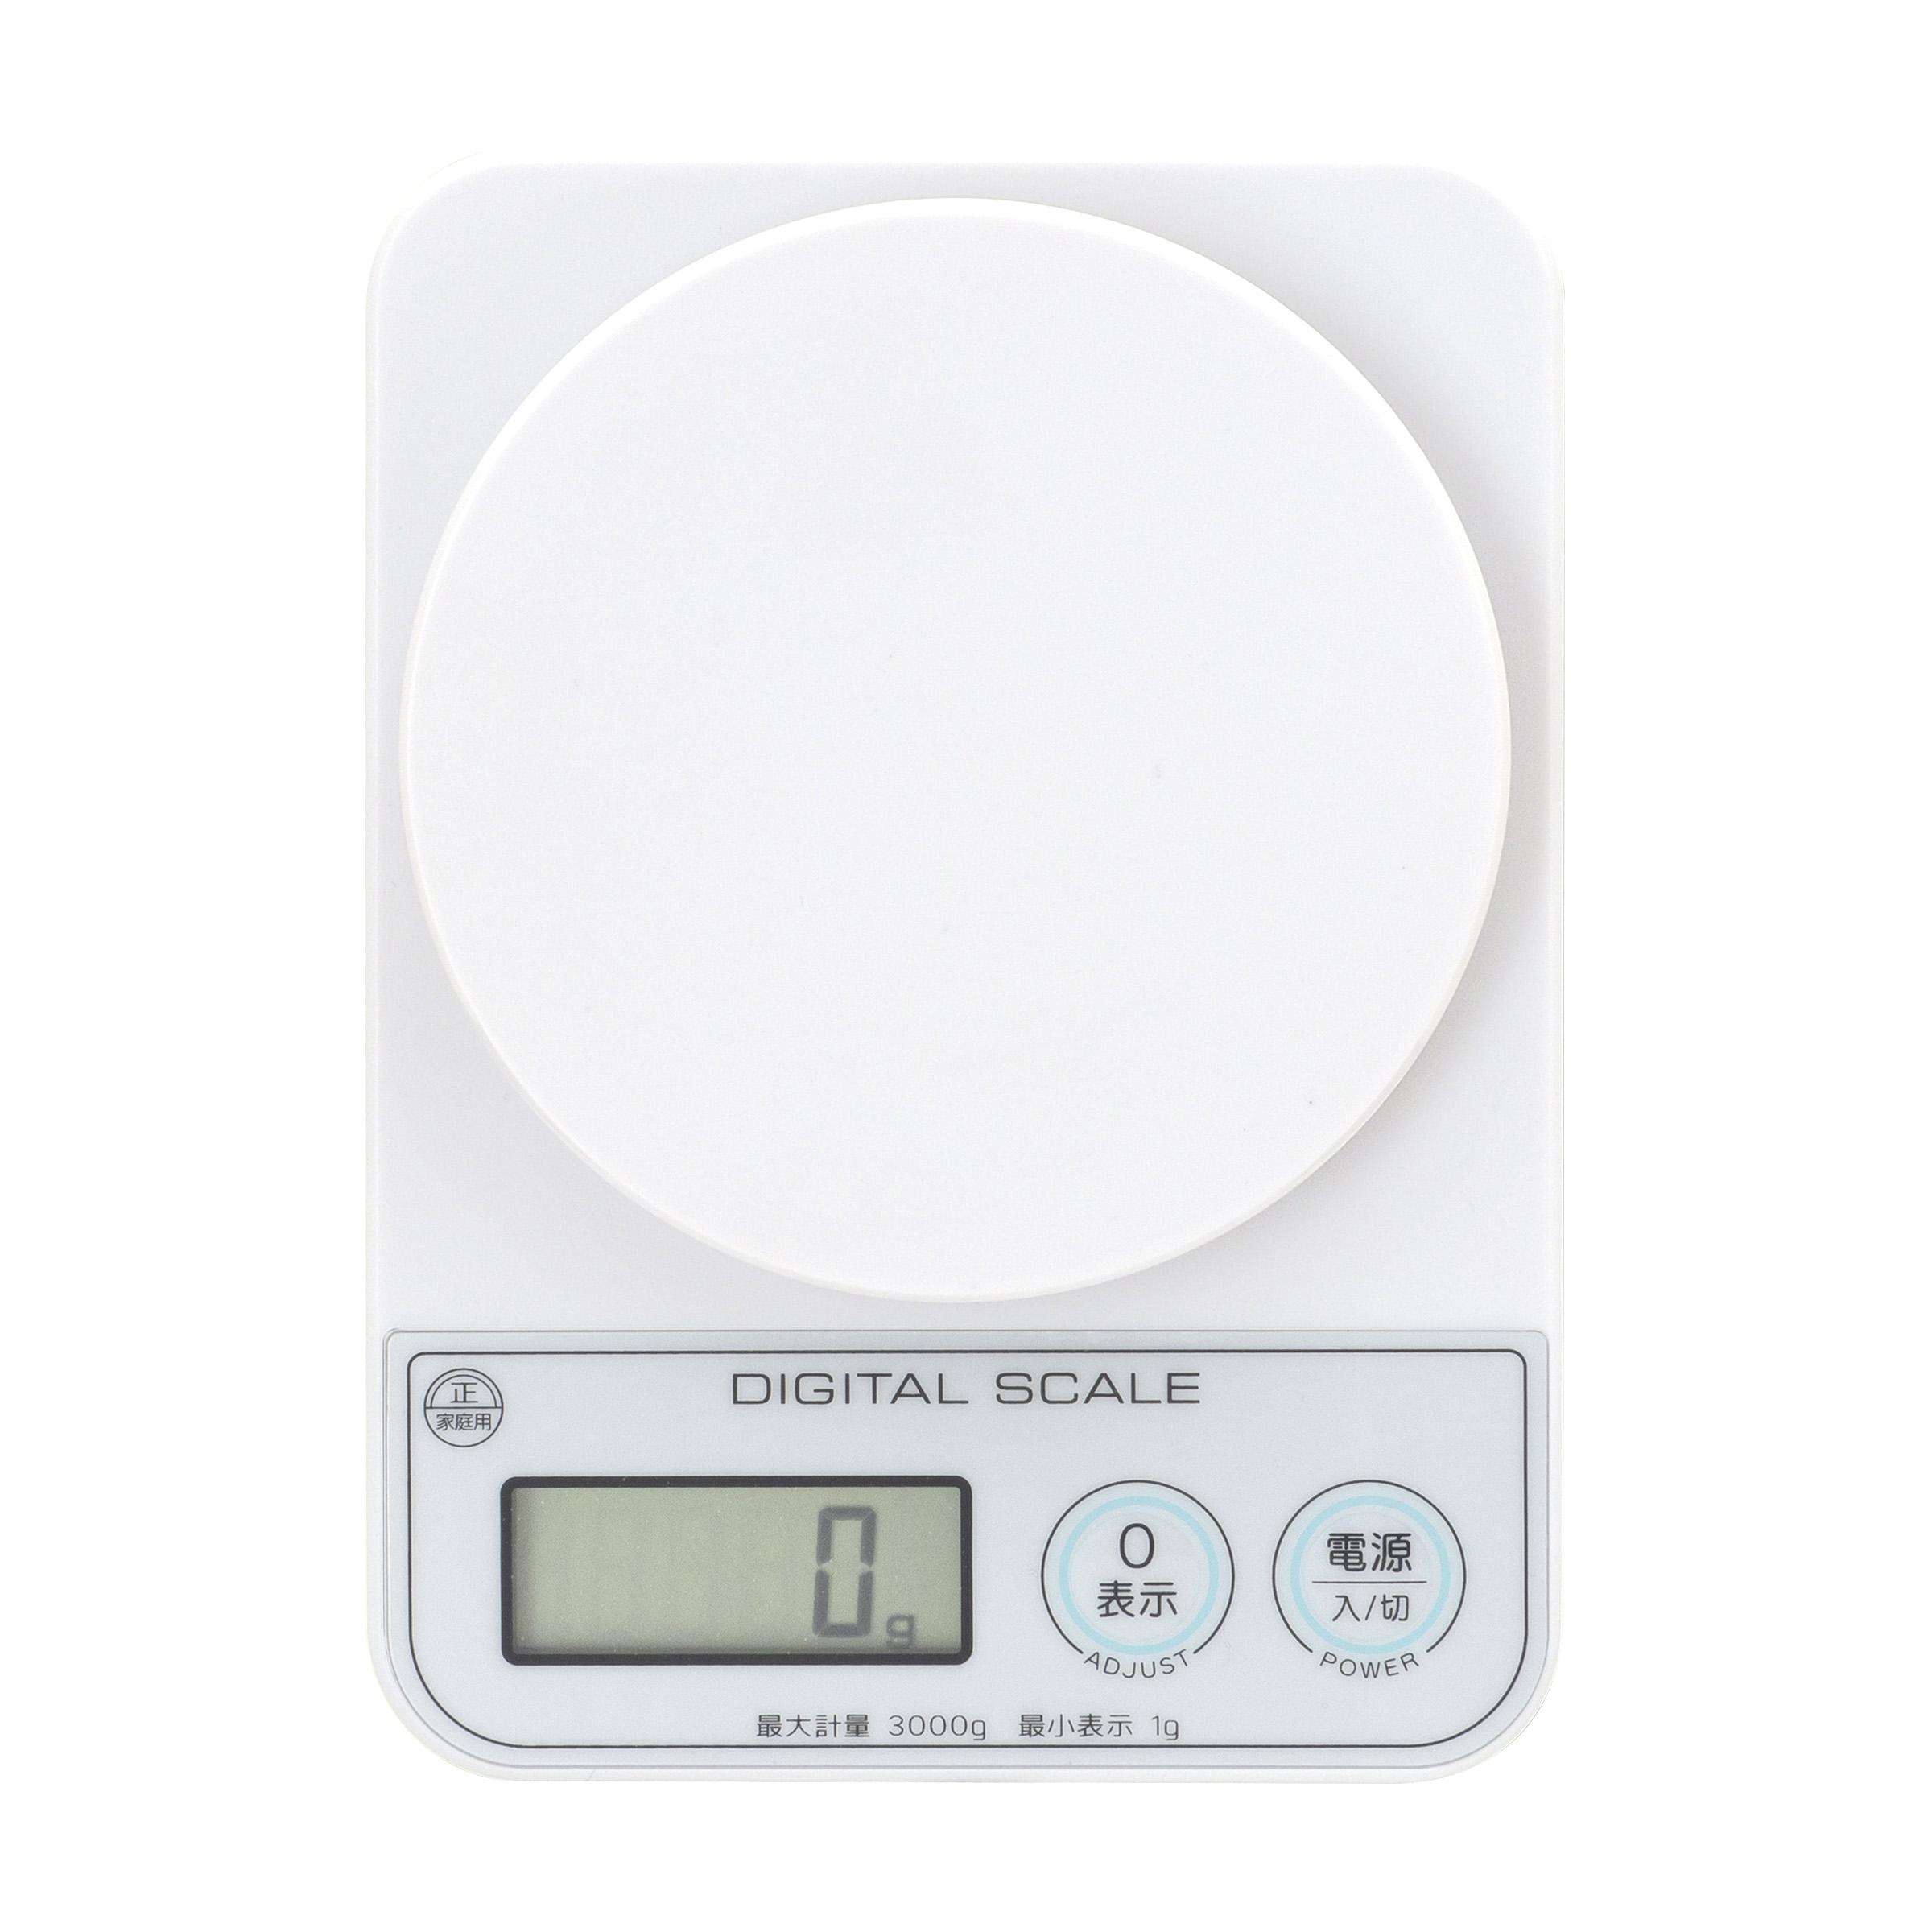 デジタルスケール 3kg image01